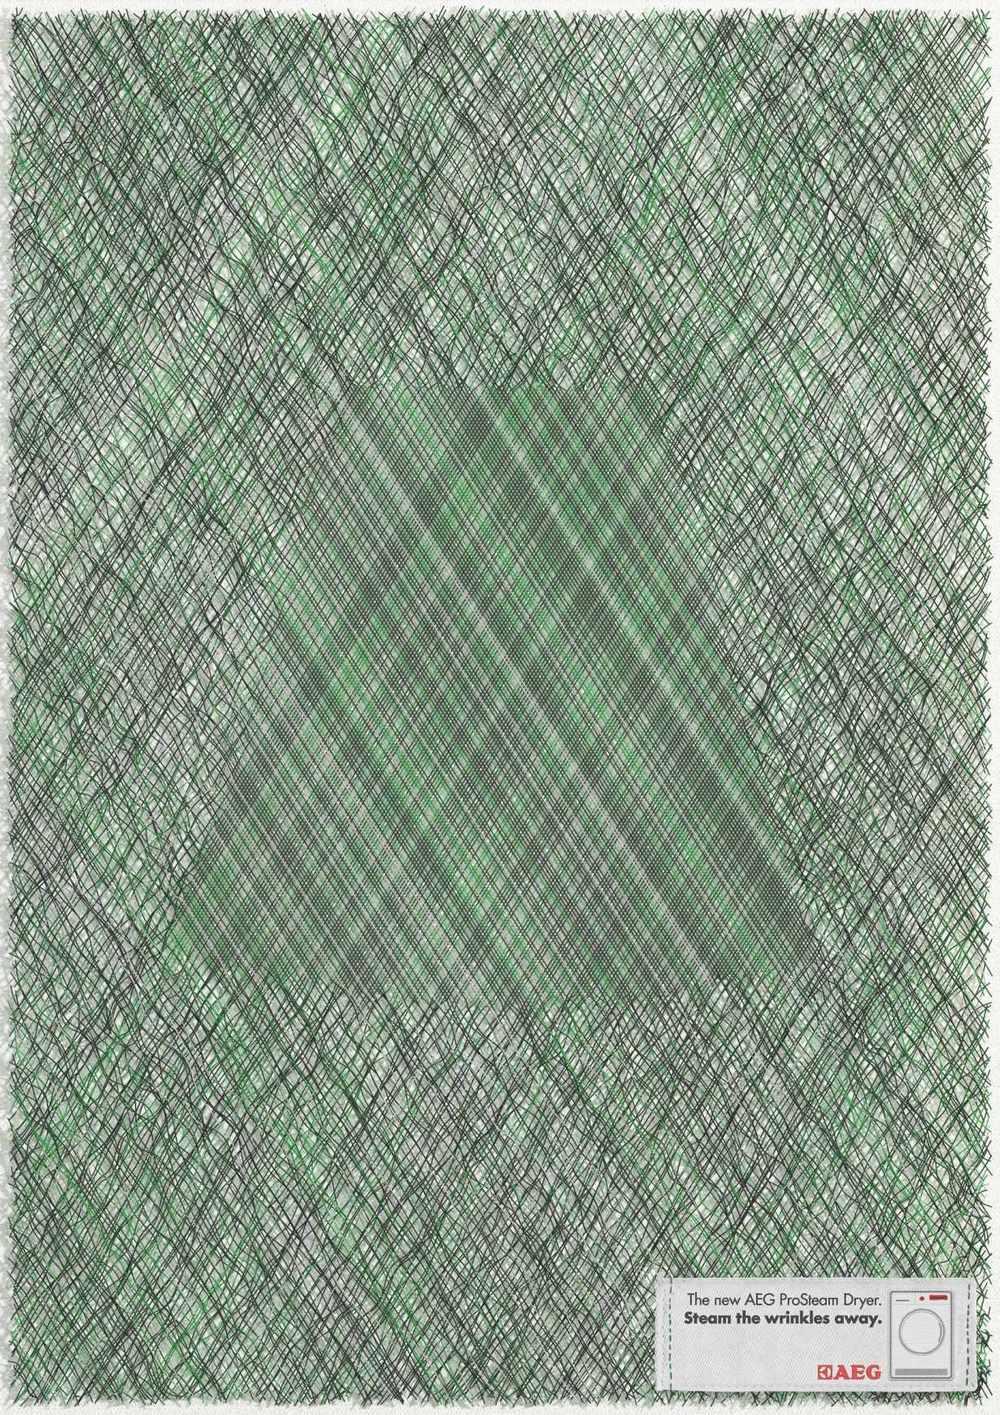 aeg_de-wrinkle_green_skirt_aotw.jpg